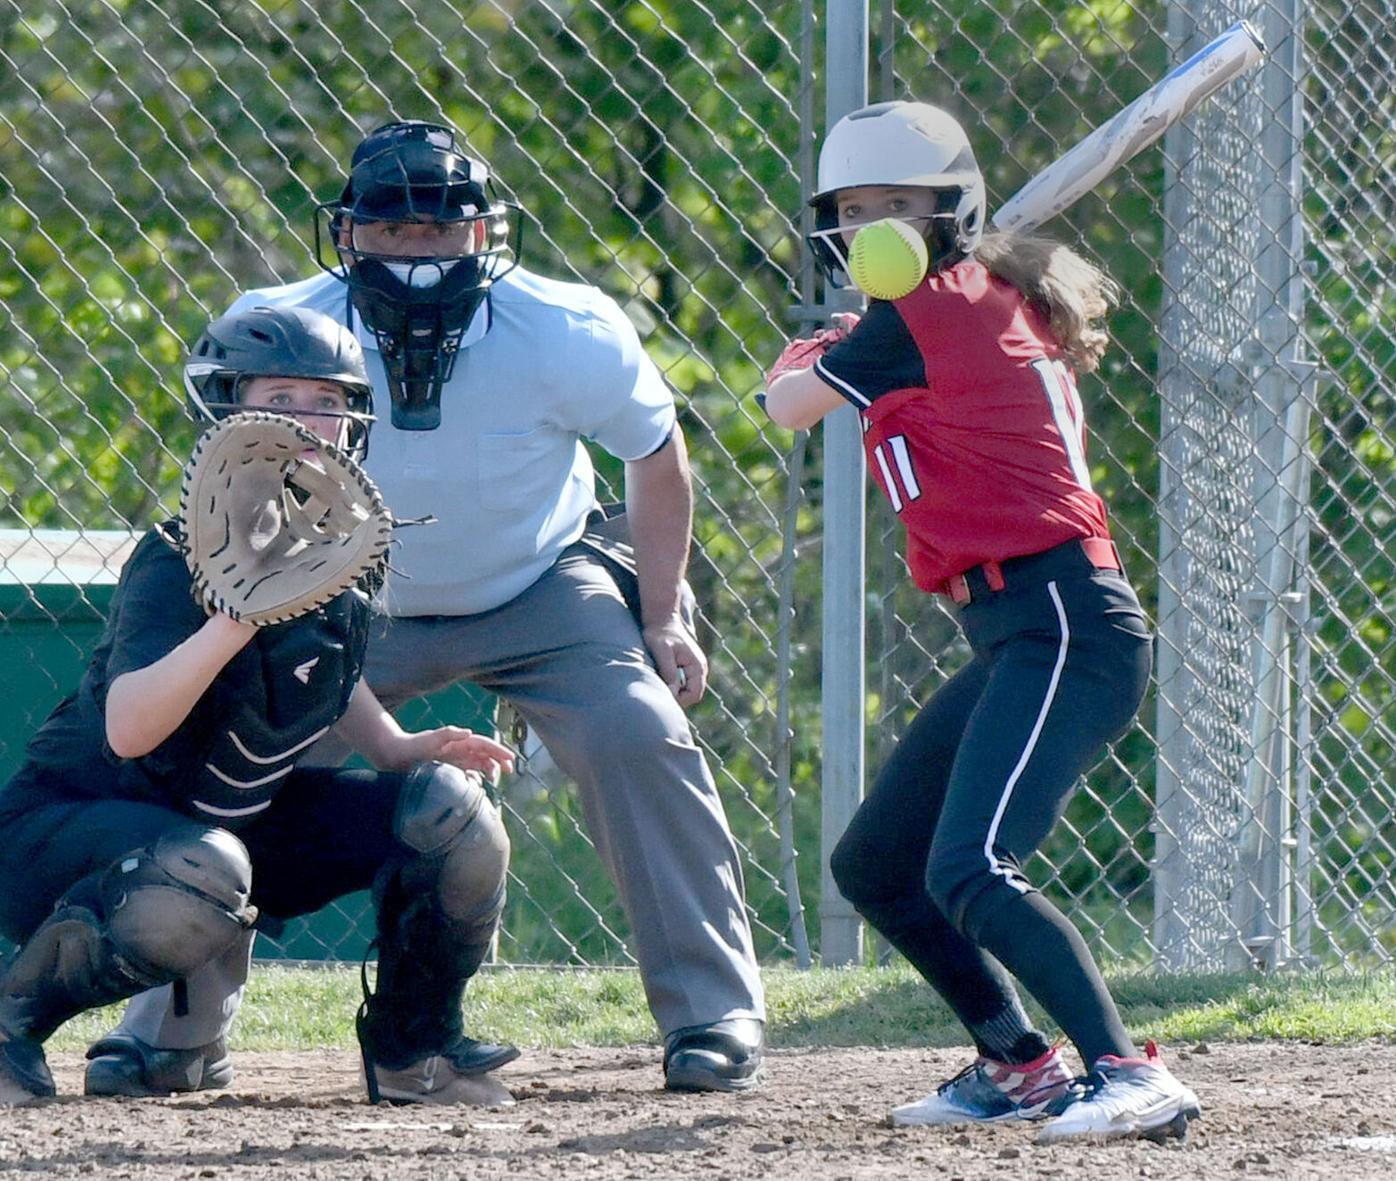 050621 EH MA Baseball 01.jpg